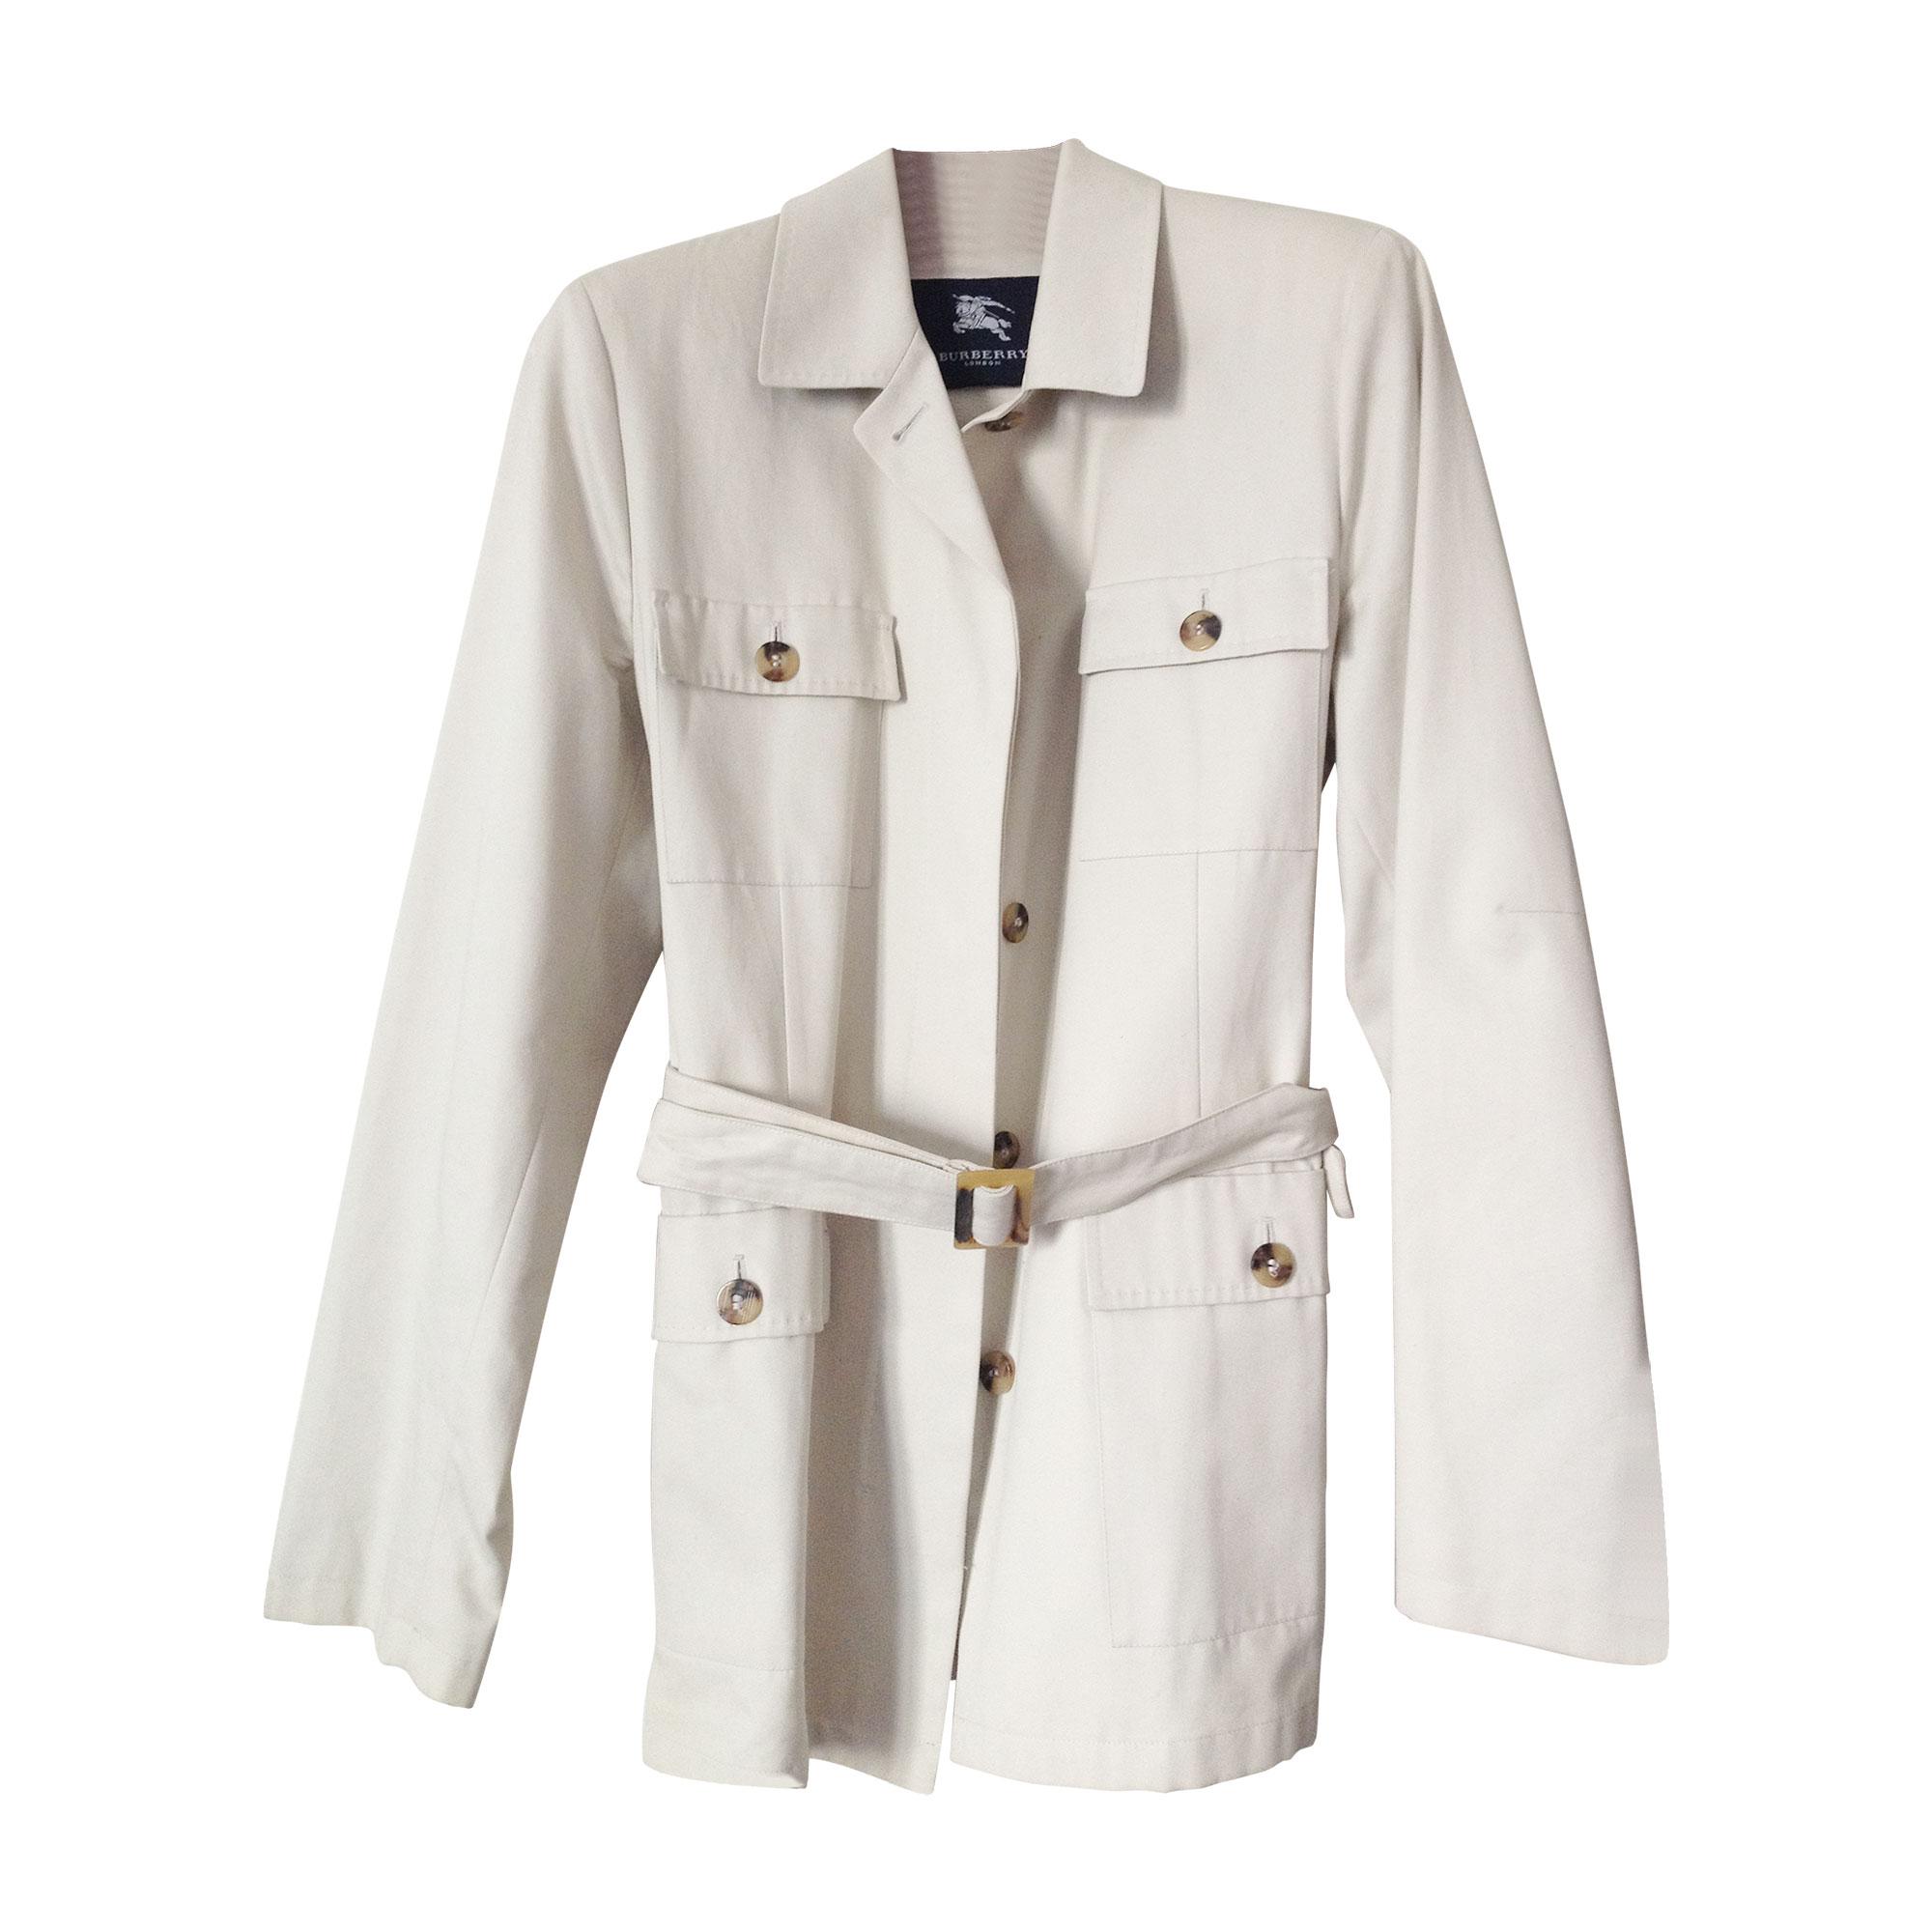 Saharienne BURBERRY 40 (L, T3) blanc vendu par Zaz 2224653 - 4668754 9aadd79e6c5